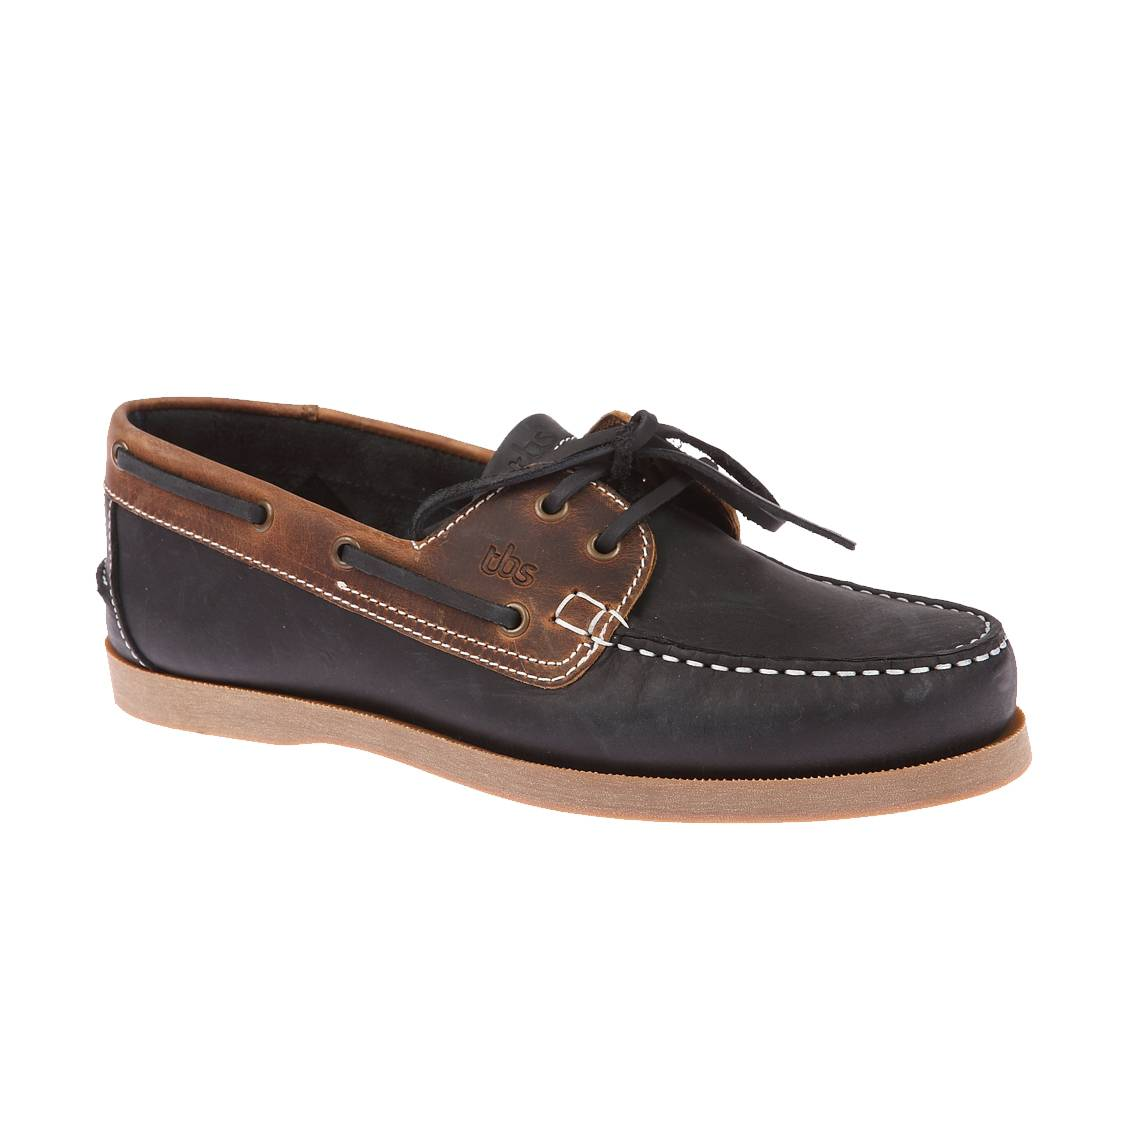 Chaussure bateau TBS en cuir marron Marron X2iSTB